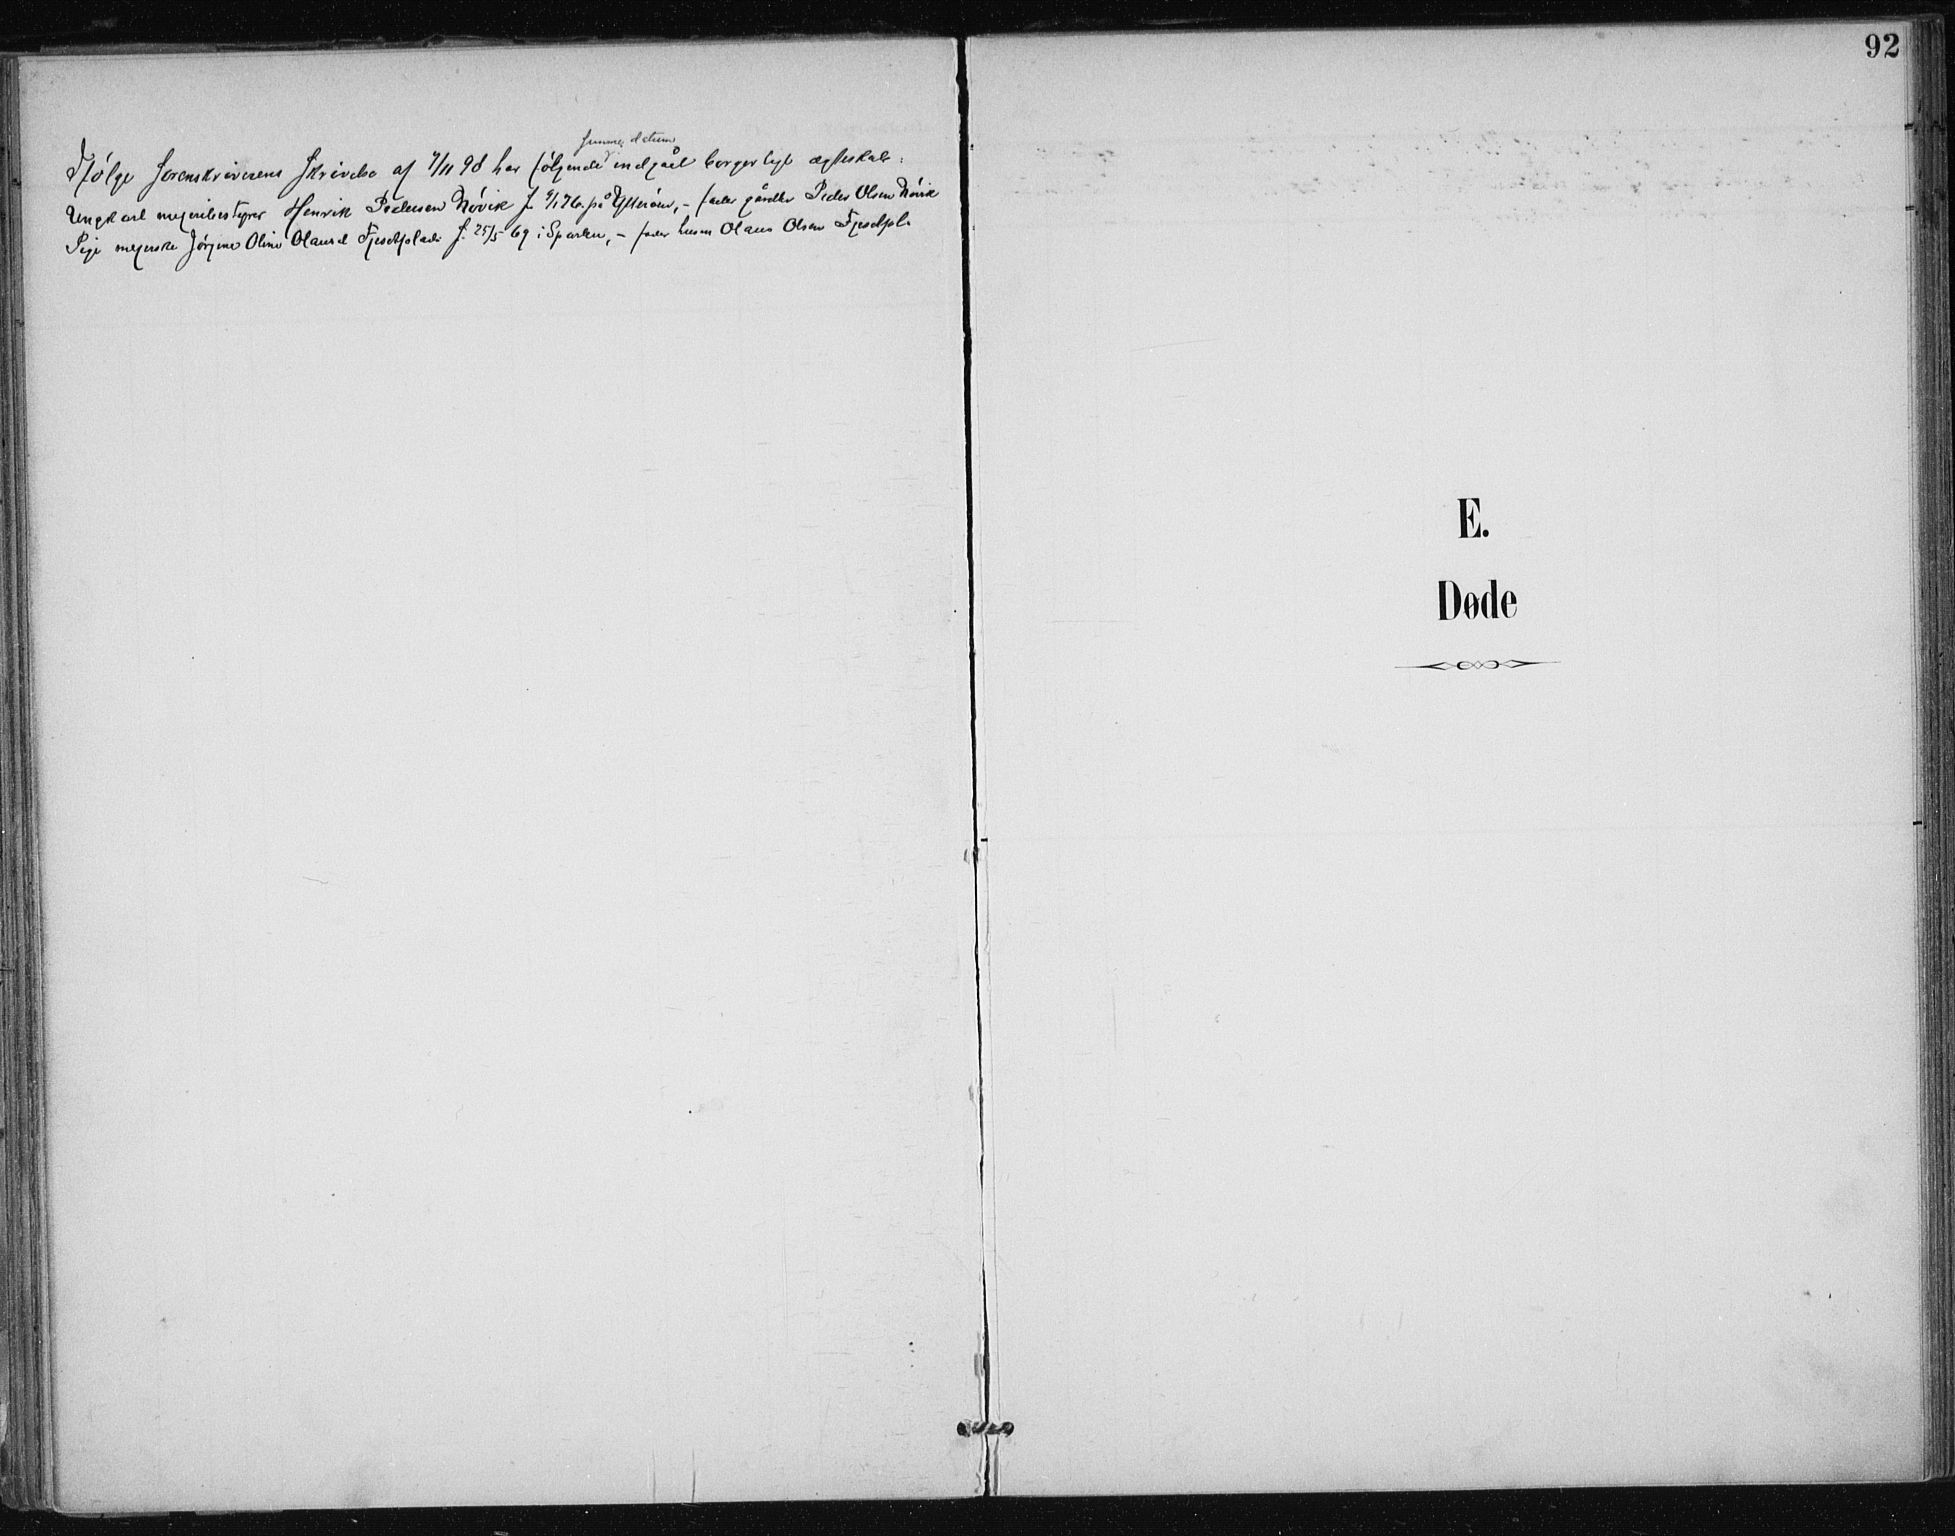 SAT, Ministerialprotokoller, klokkerbøker og fødselsregistre - Sør-Trøndelag, 612/L0380: Ministerialbok nr. 612A12, 1898-1907, s. 92